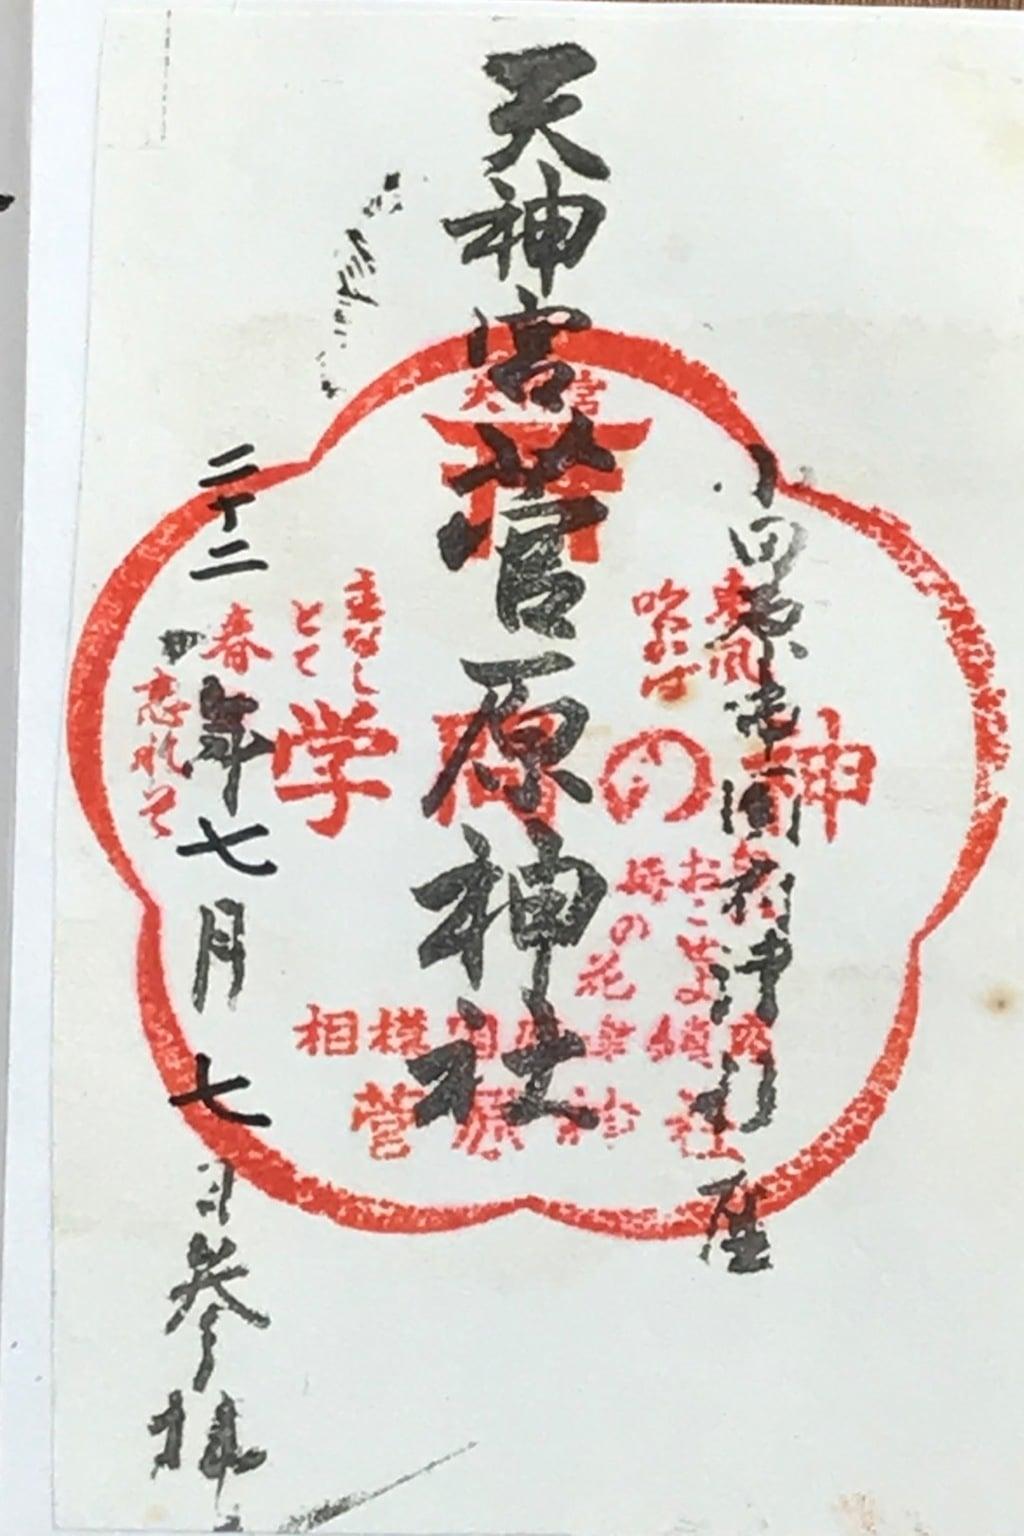 菅原神社の御朱印